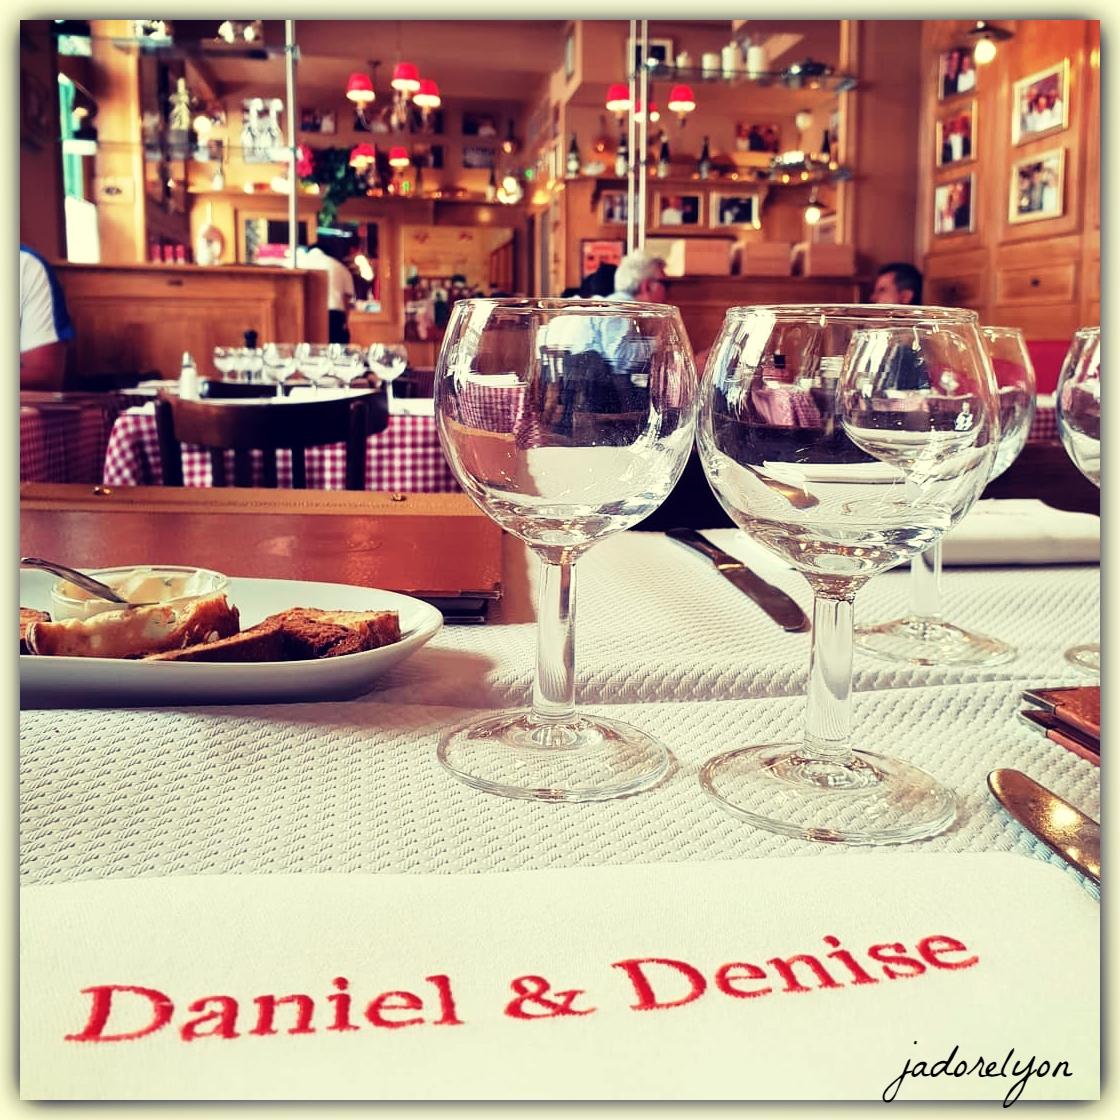 Daniel & Denise